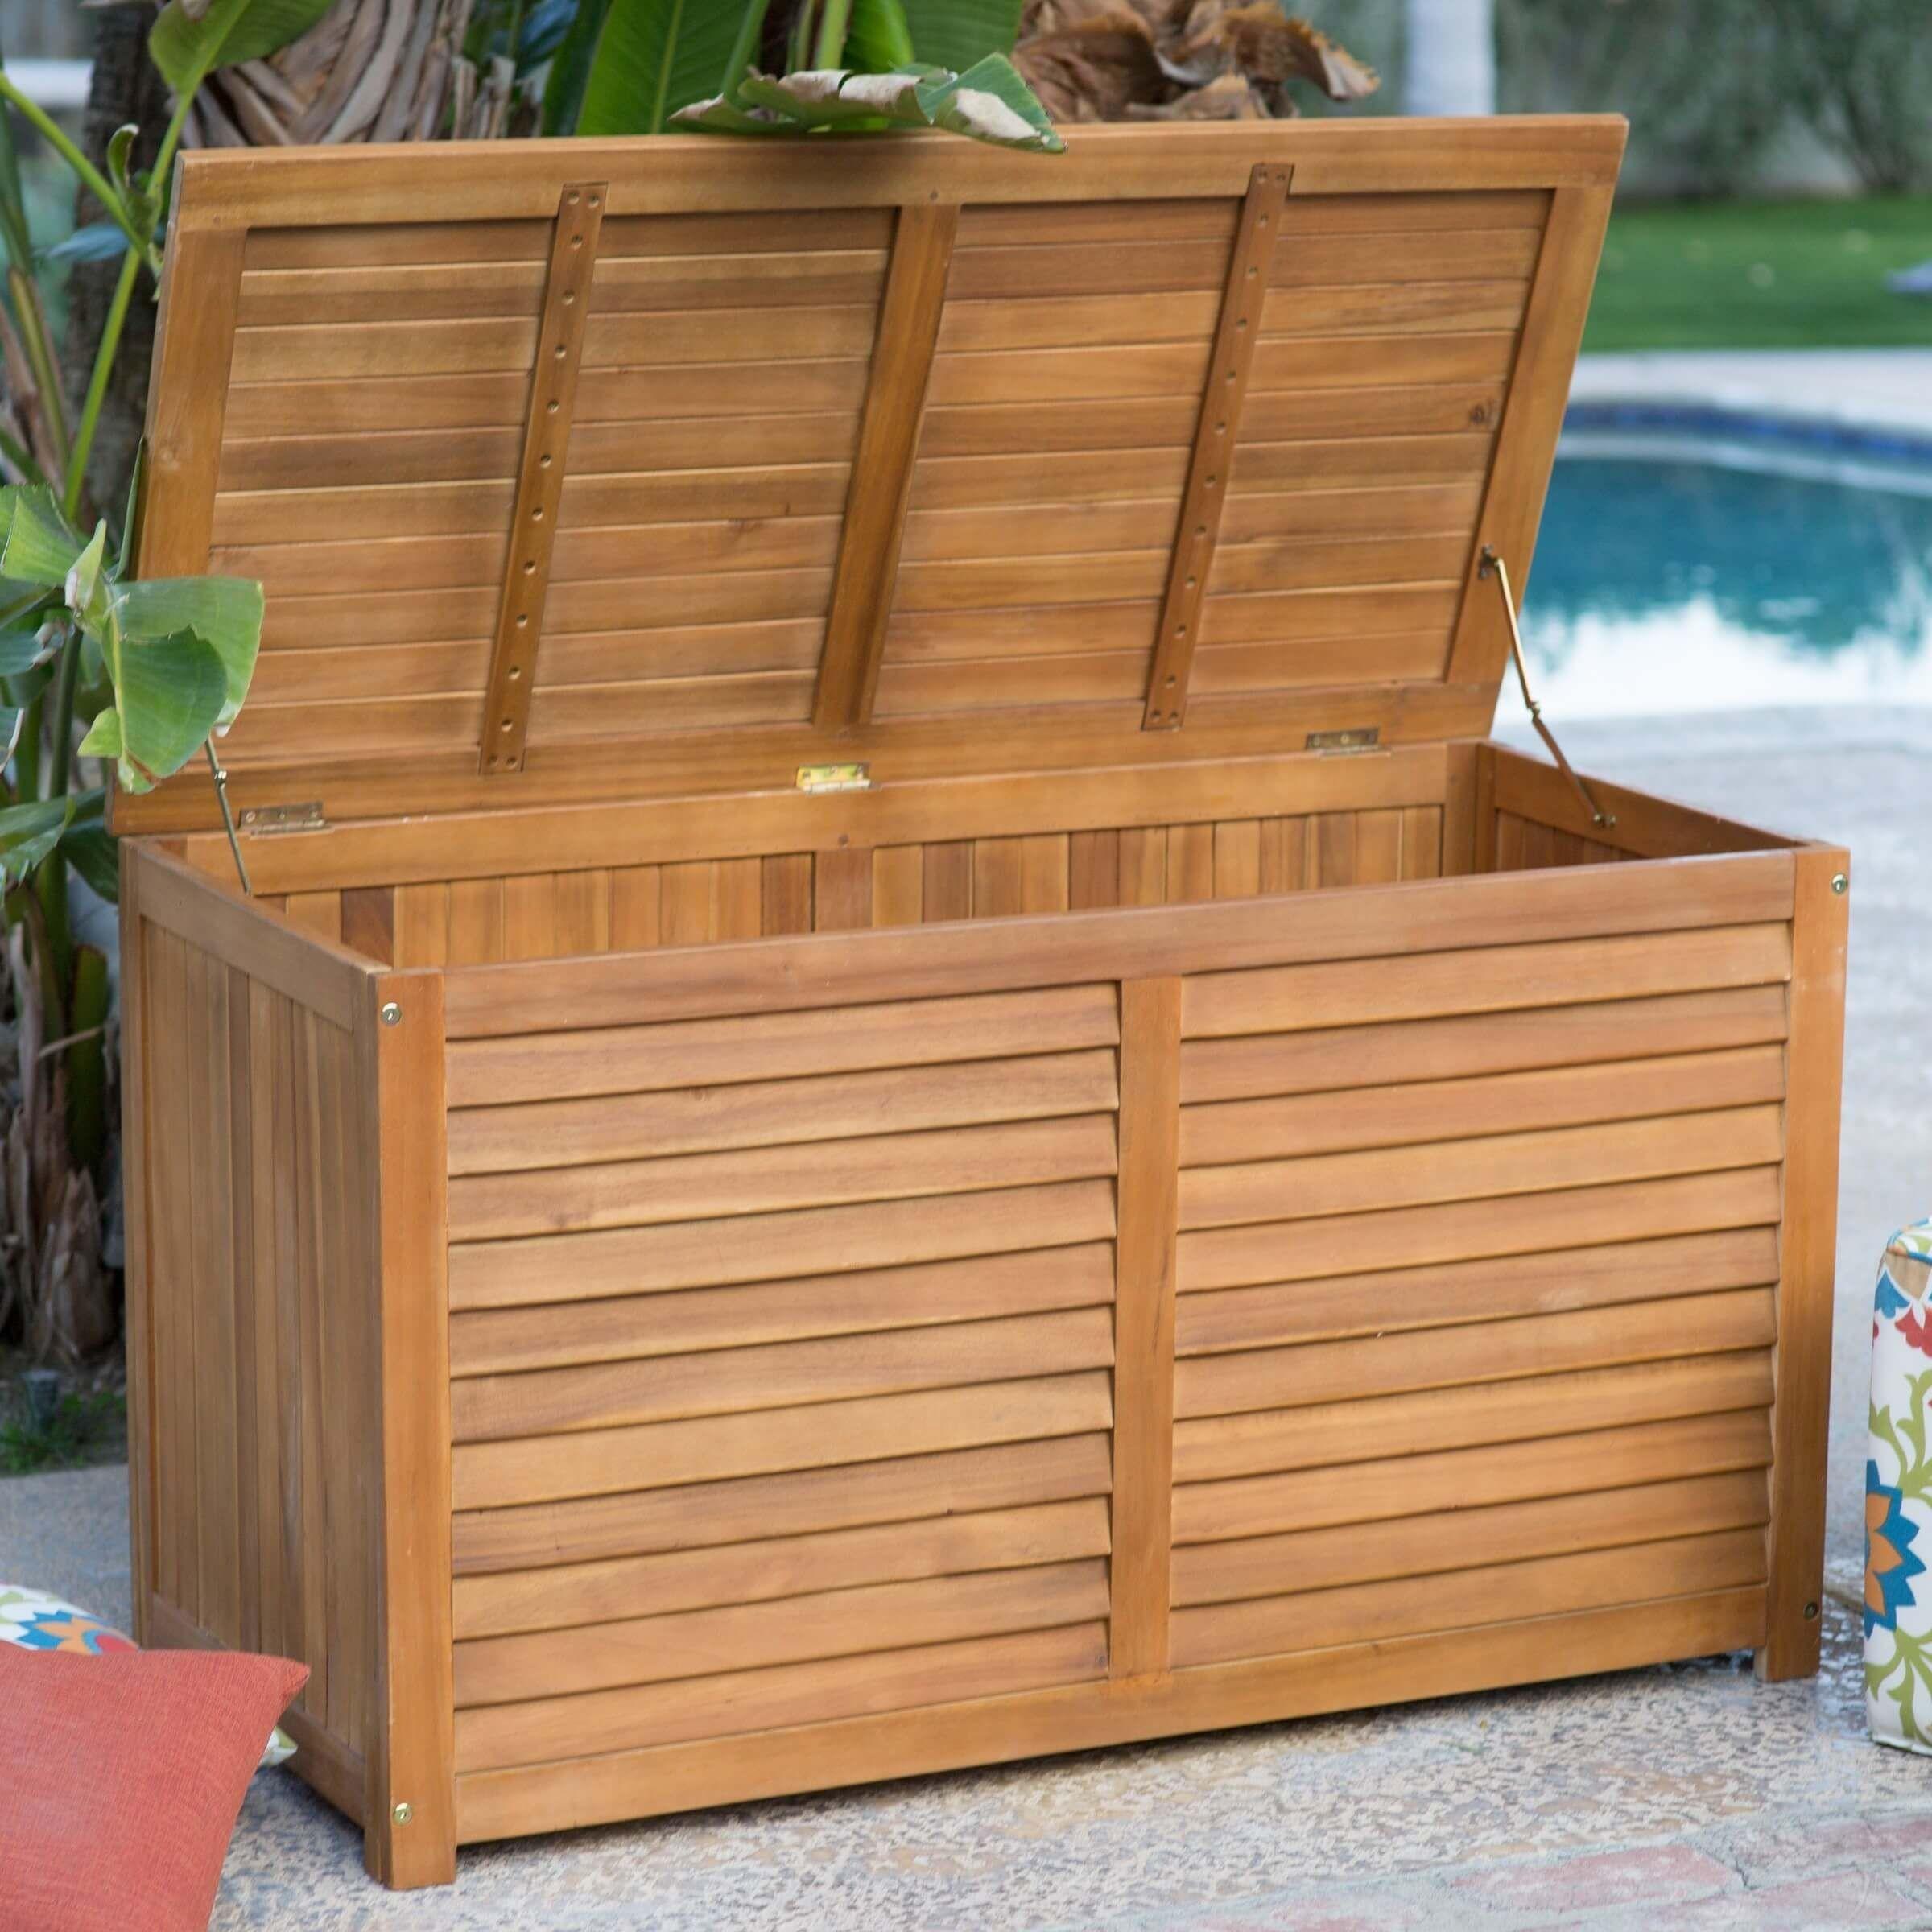 Waterproof Garden Waterproof Garden Storage Patio Storage Deck Box Storage